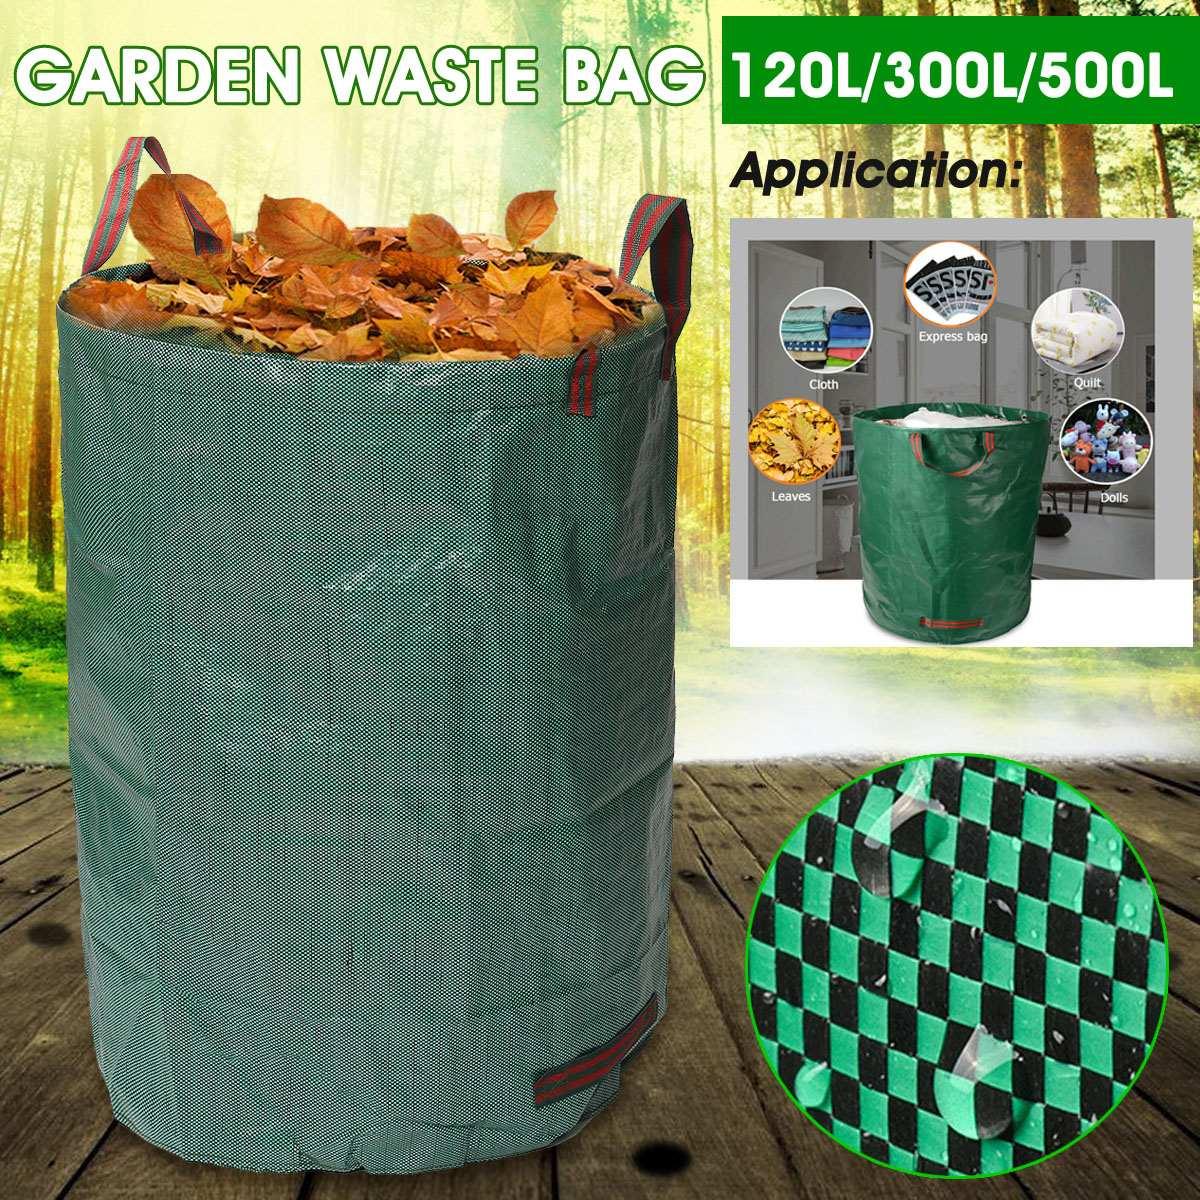 120L/300L/500L Grande Capacidade Resistente Saco de Lixo De Jardim Durável À Prova D' Água Reutilizáveis PP Quintal Recipiente de Folha de Grama armazenamento